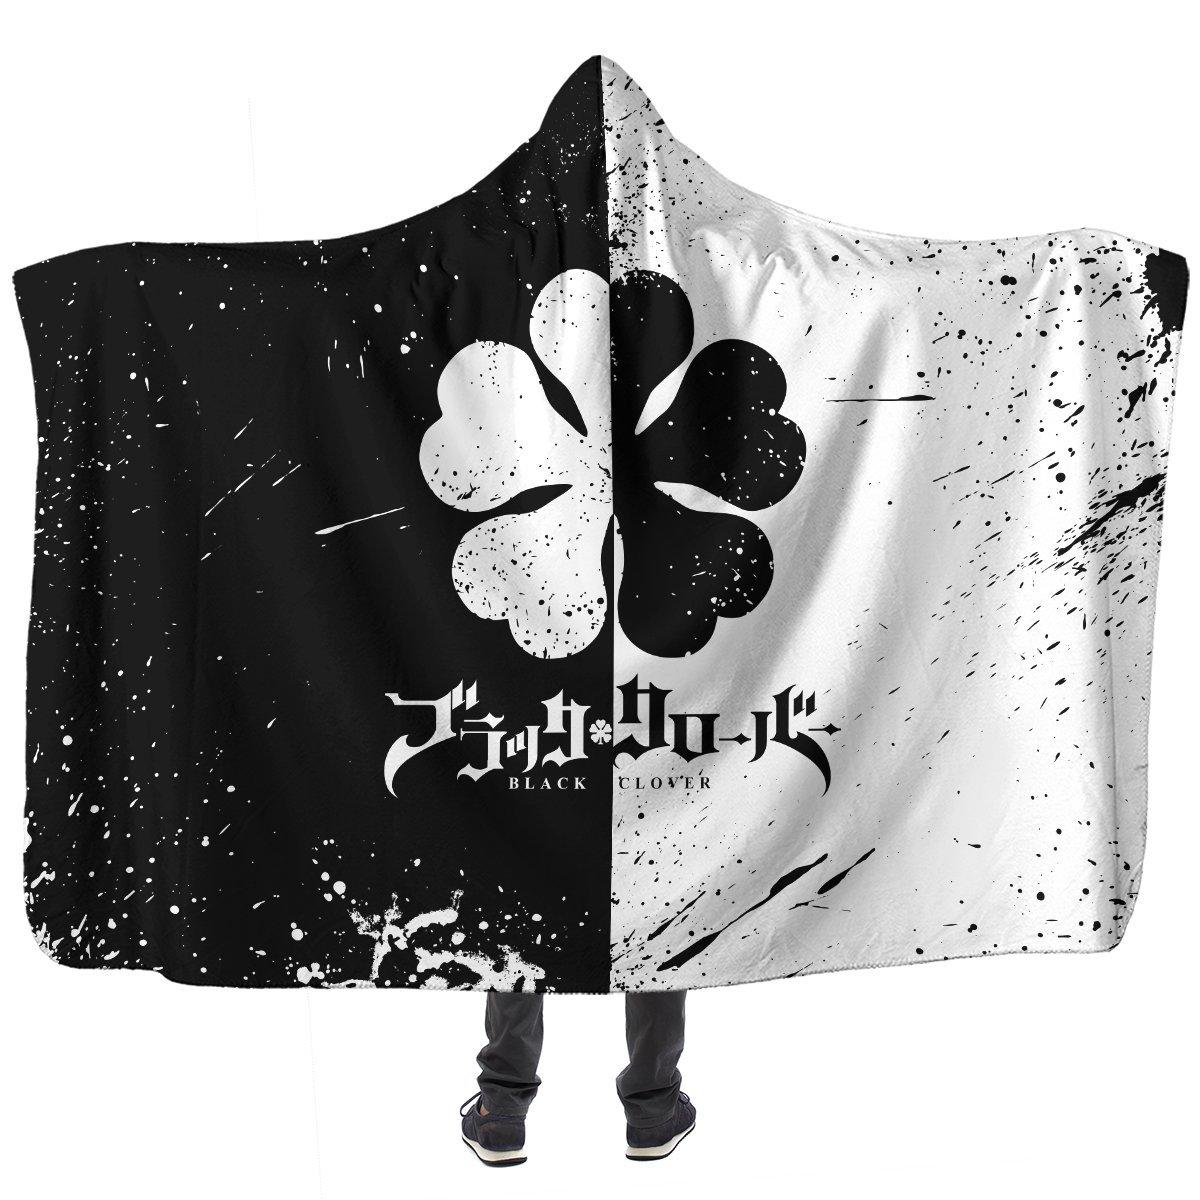 Five-Leaf Clover Hooded Blanket Official Merch FDM3009 Child Official Otaku Treat Merch